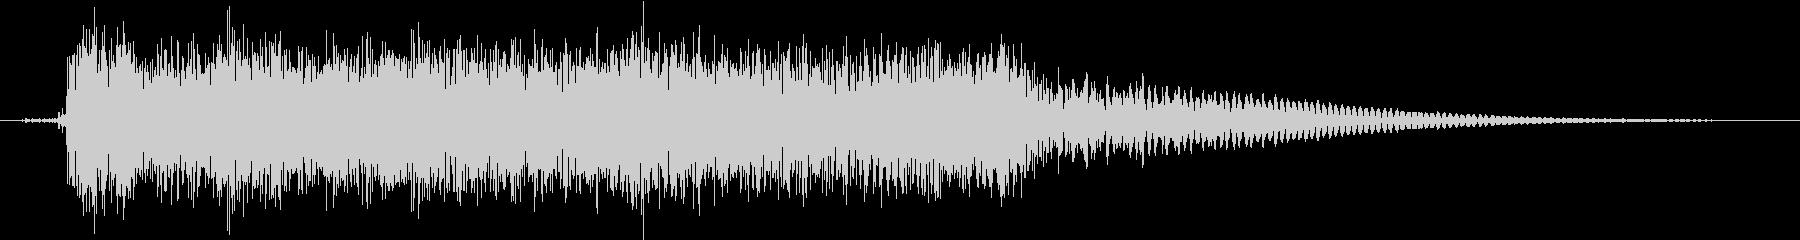 エレキギター:ピックスライドの未再生の波形